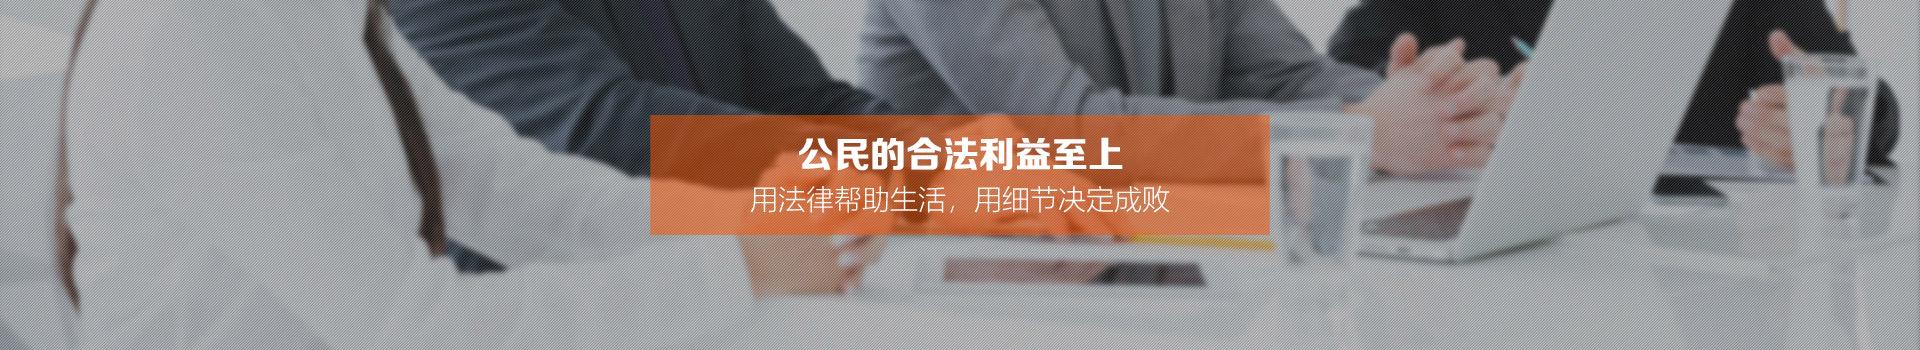 哈尔滨刑事辩护律师网6